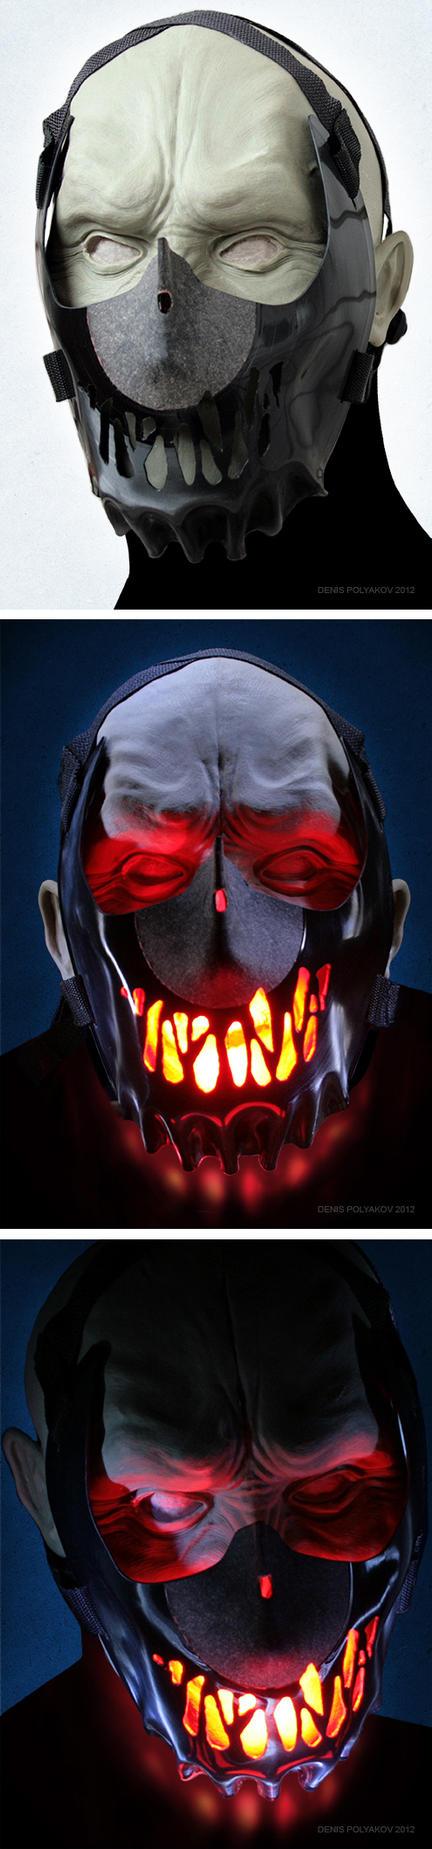 Mask DJ by DenisPolyakov